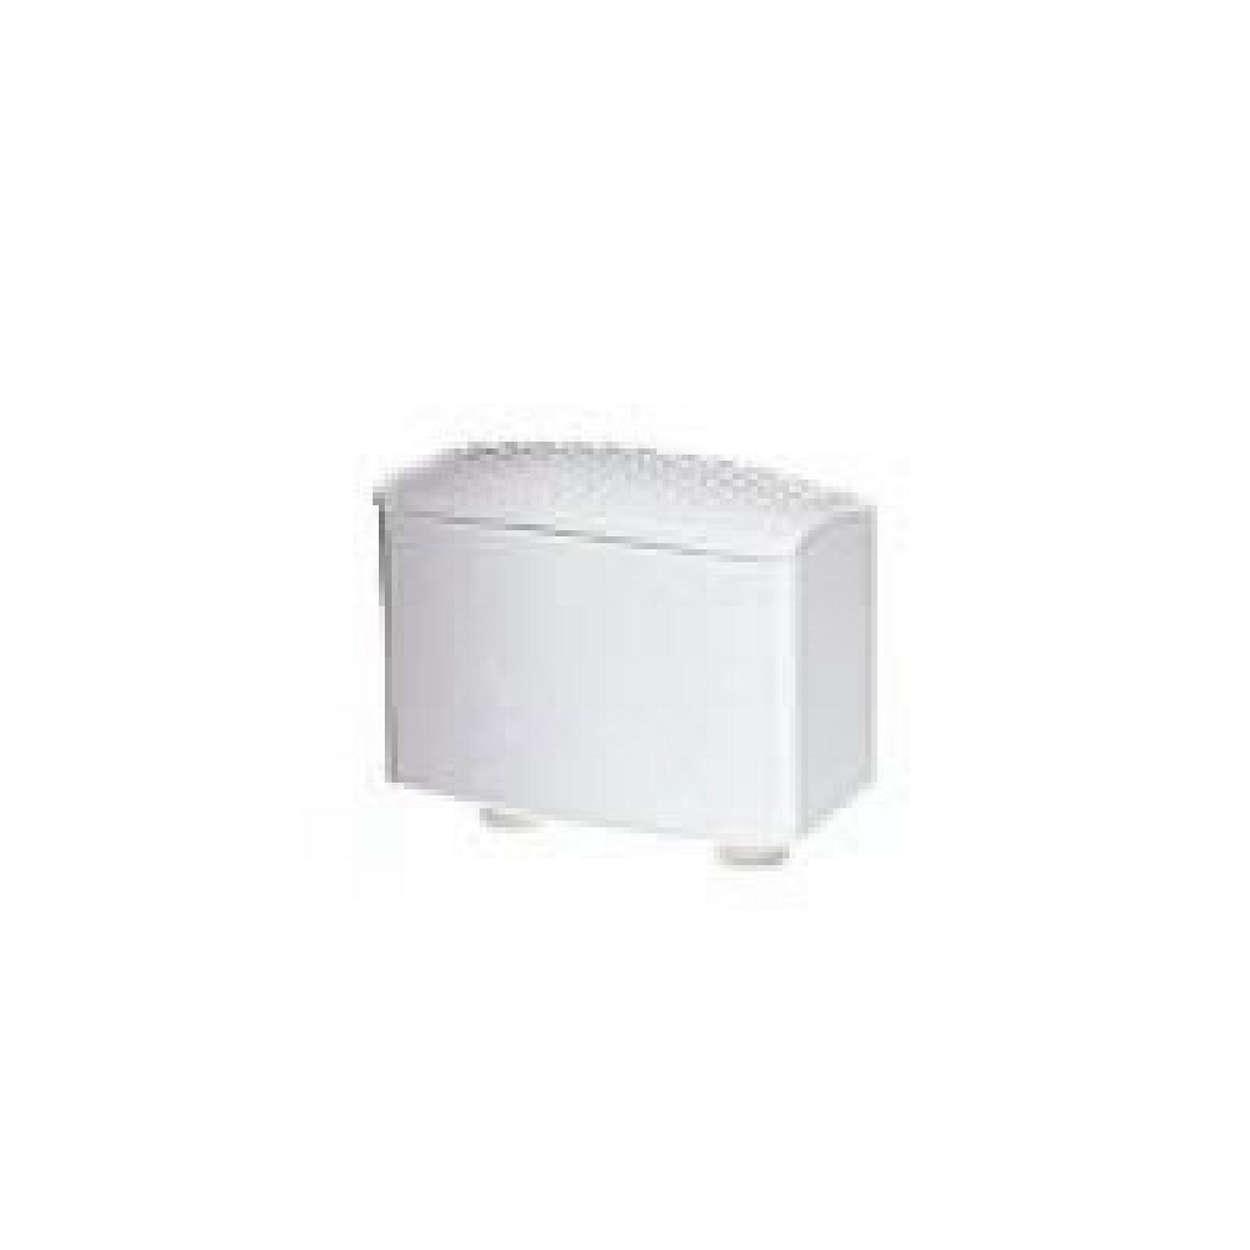 For å beskytte Aquazur-strykejernet